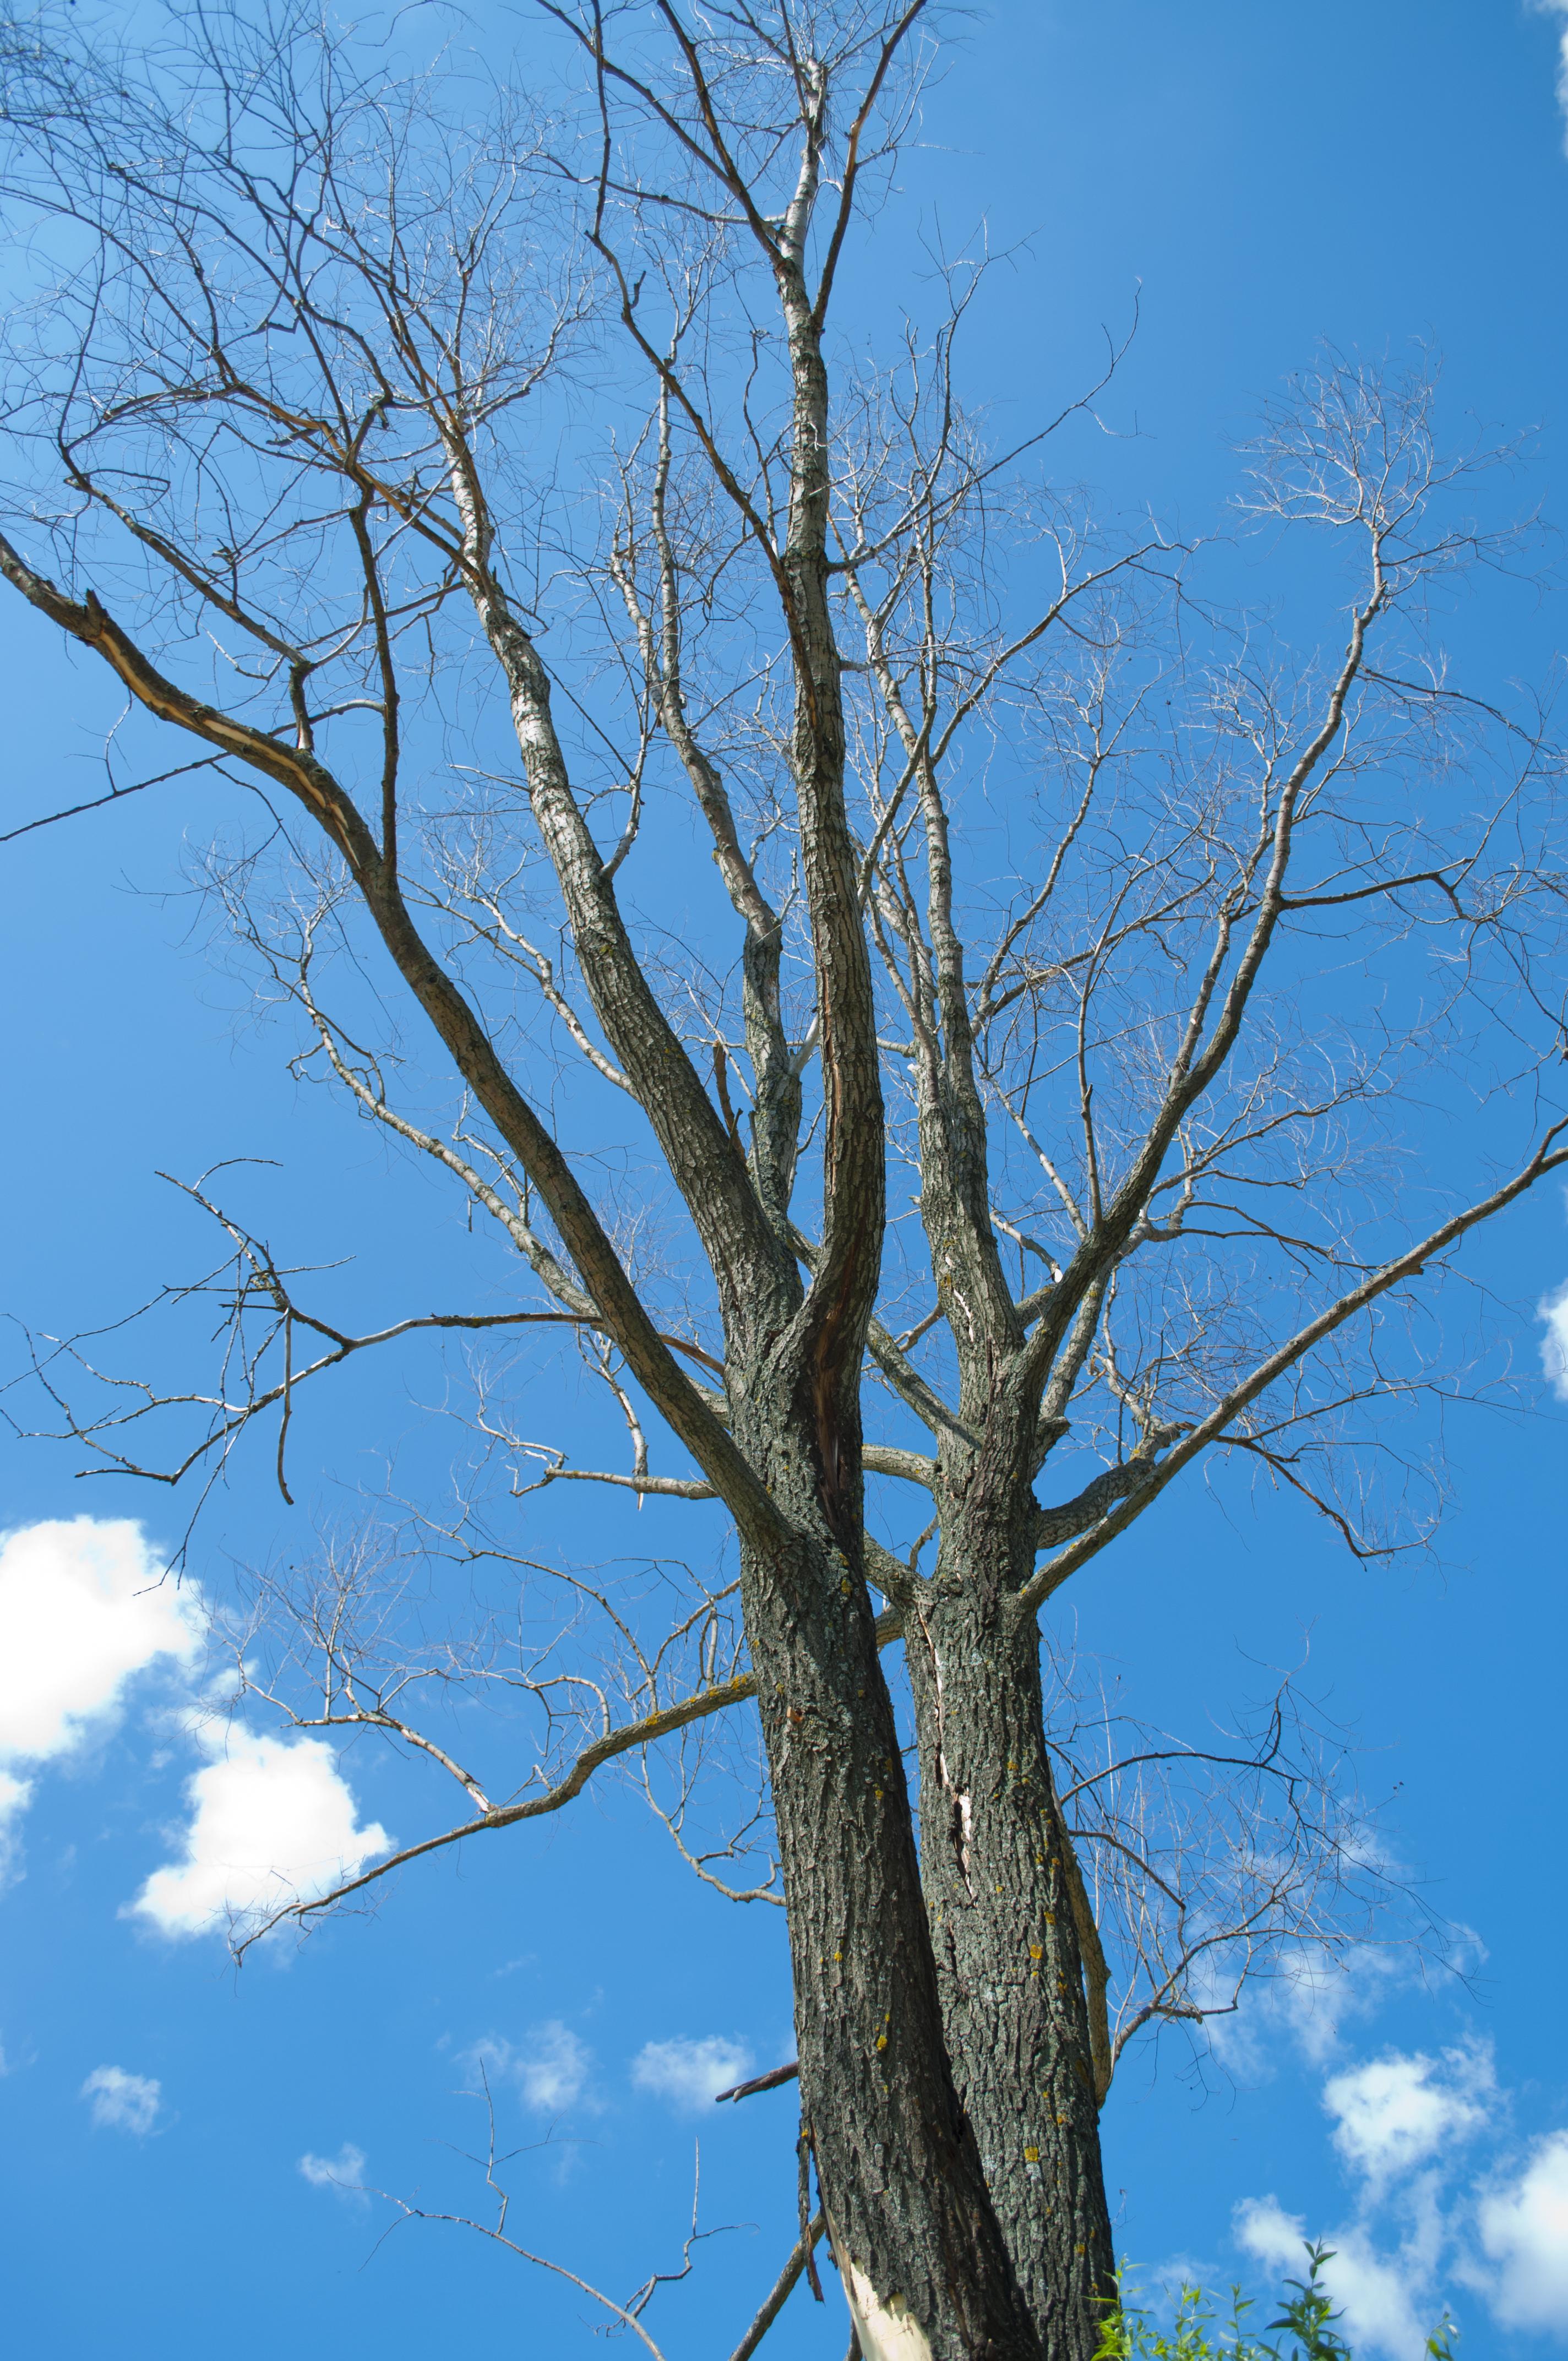 Dead tree, Bare, Branches, Dead, Tree, HQ Photo